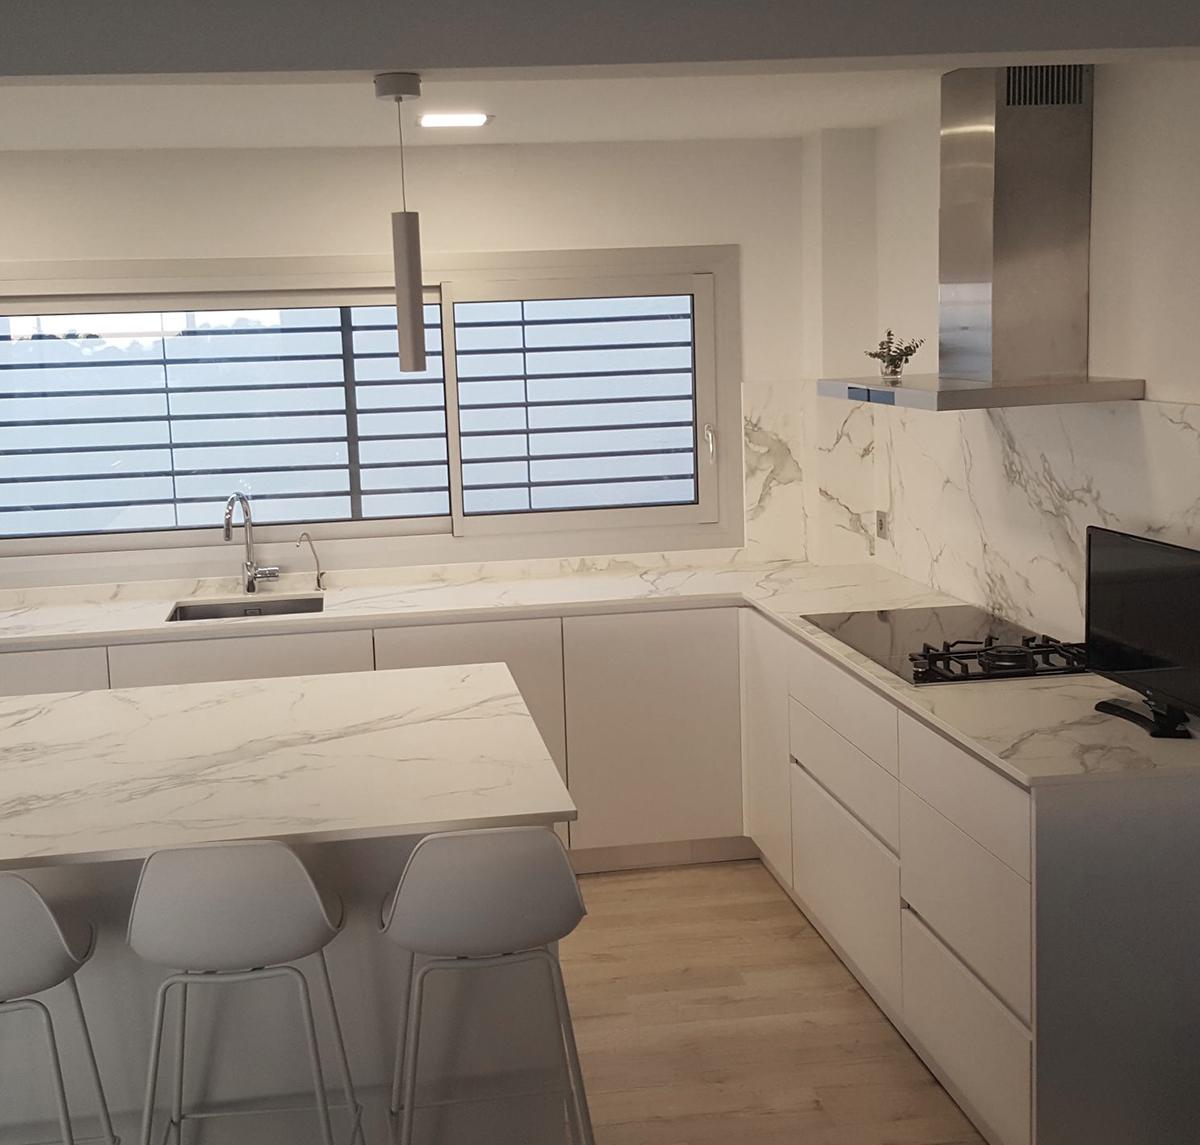 Muebles bajos para cocina a medida con acabado fórmica | MB ...